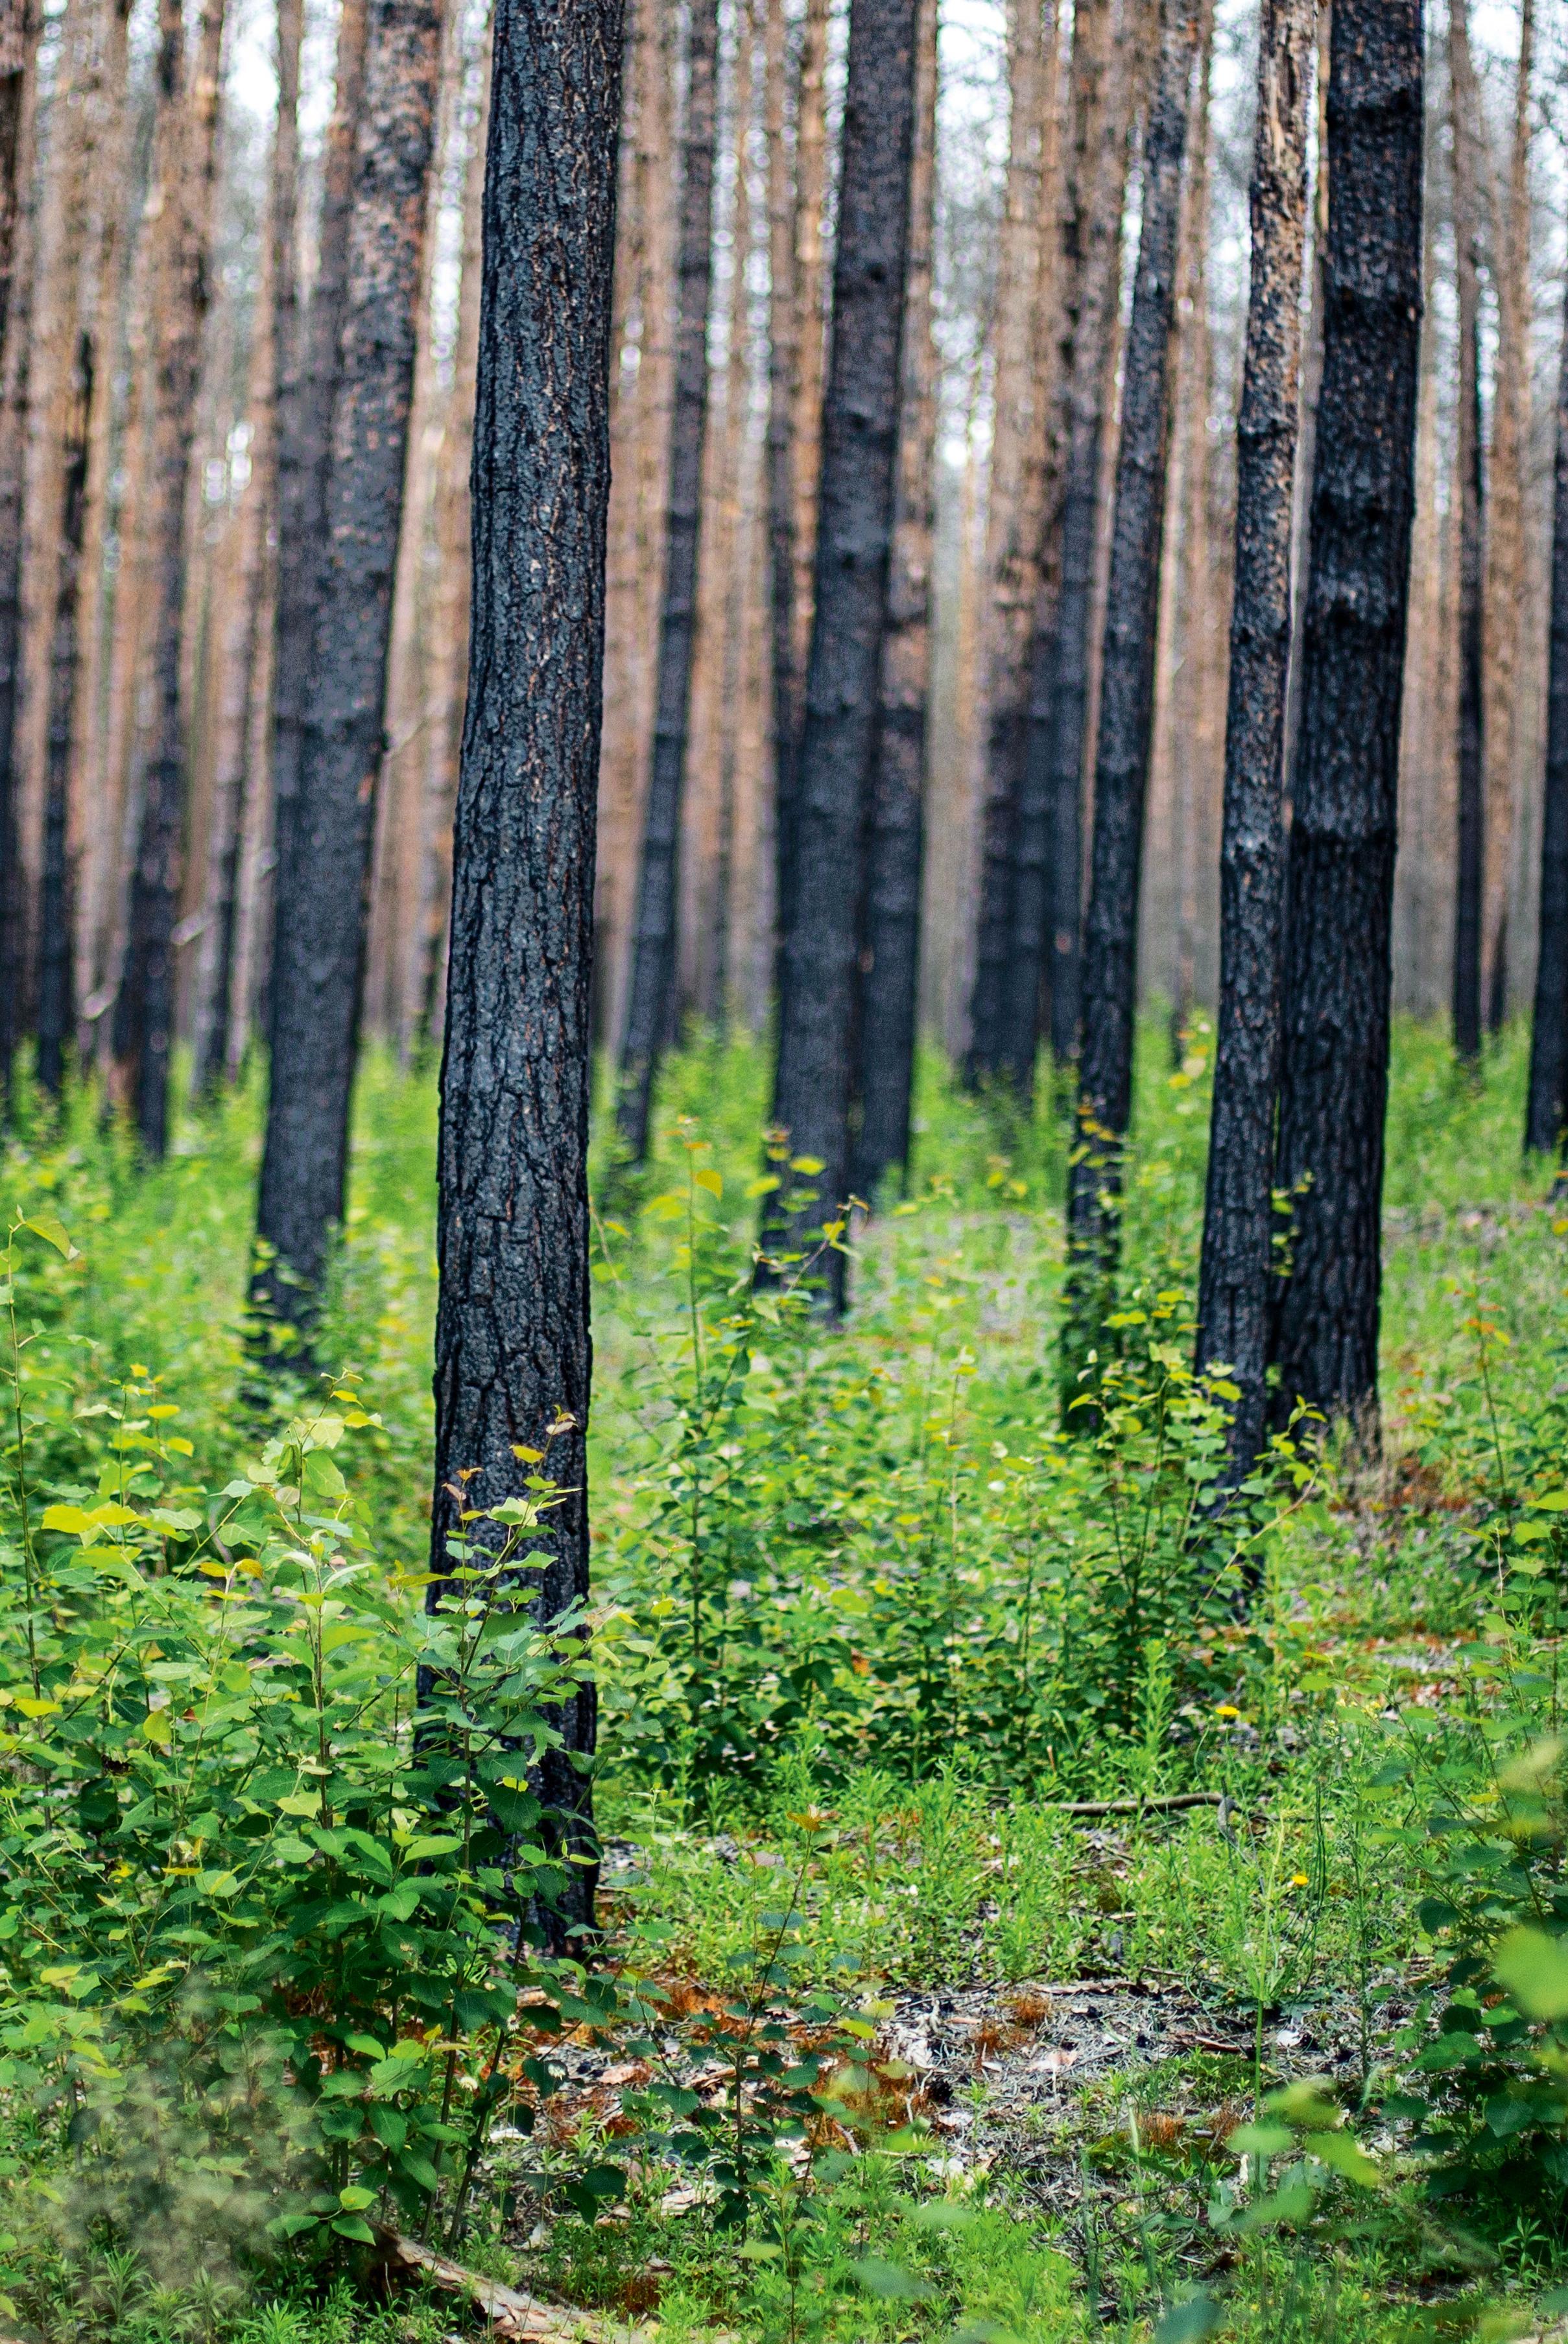 <p>LANGZEITDÜNGER<br /> Auf einer Versuchsfläche blieben die verkohlten Kiefern stehen. Ihre Nährstoffe sollen die natürliche Wiederbewaldung erleichtern</p>